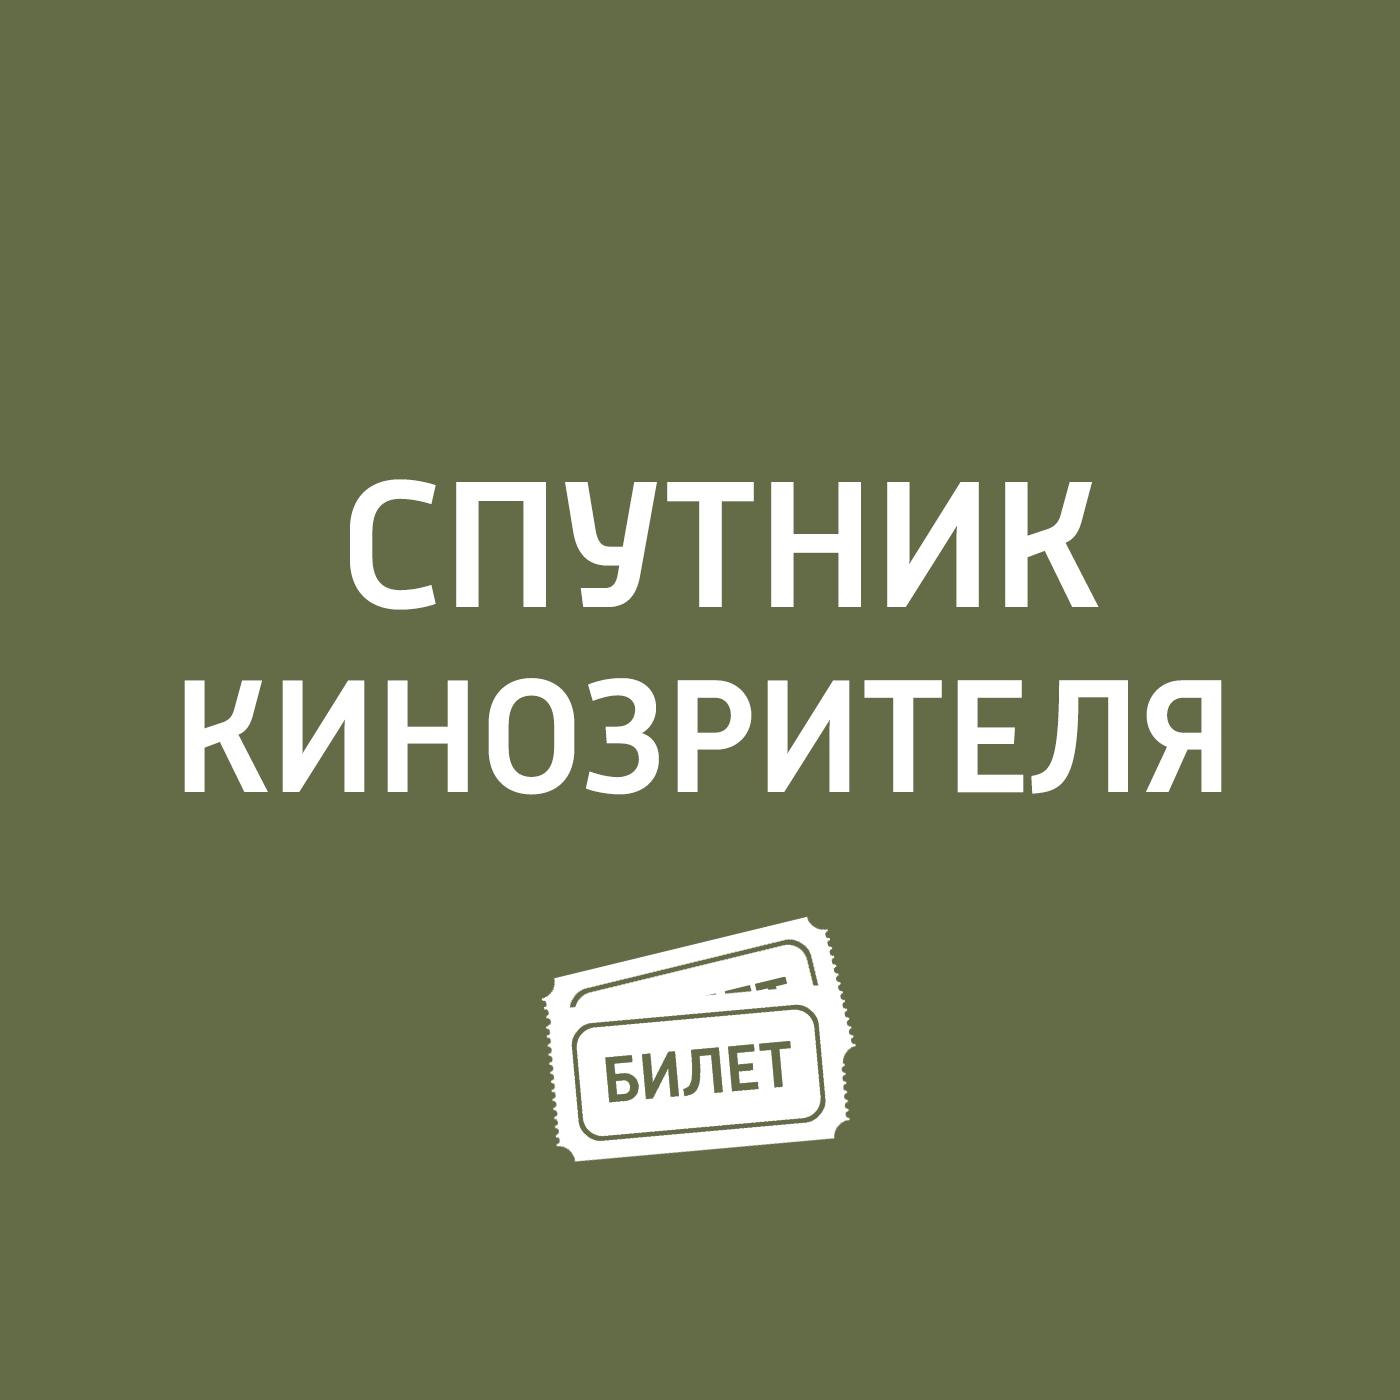 цена на Антон Долин Премьеры недели: «Большой злой лис», «Тихое место», «Турецкое седло»